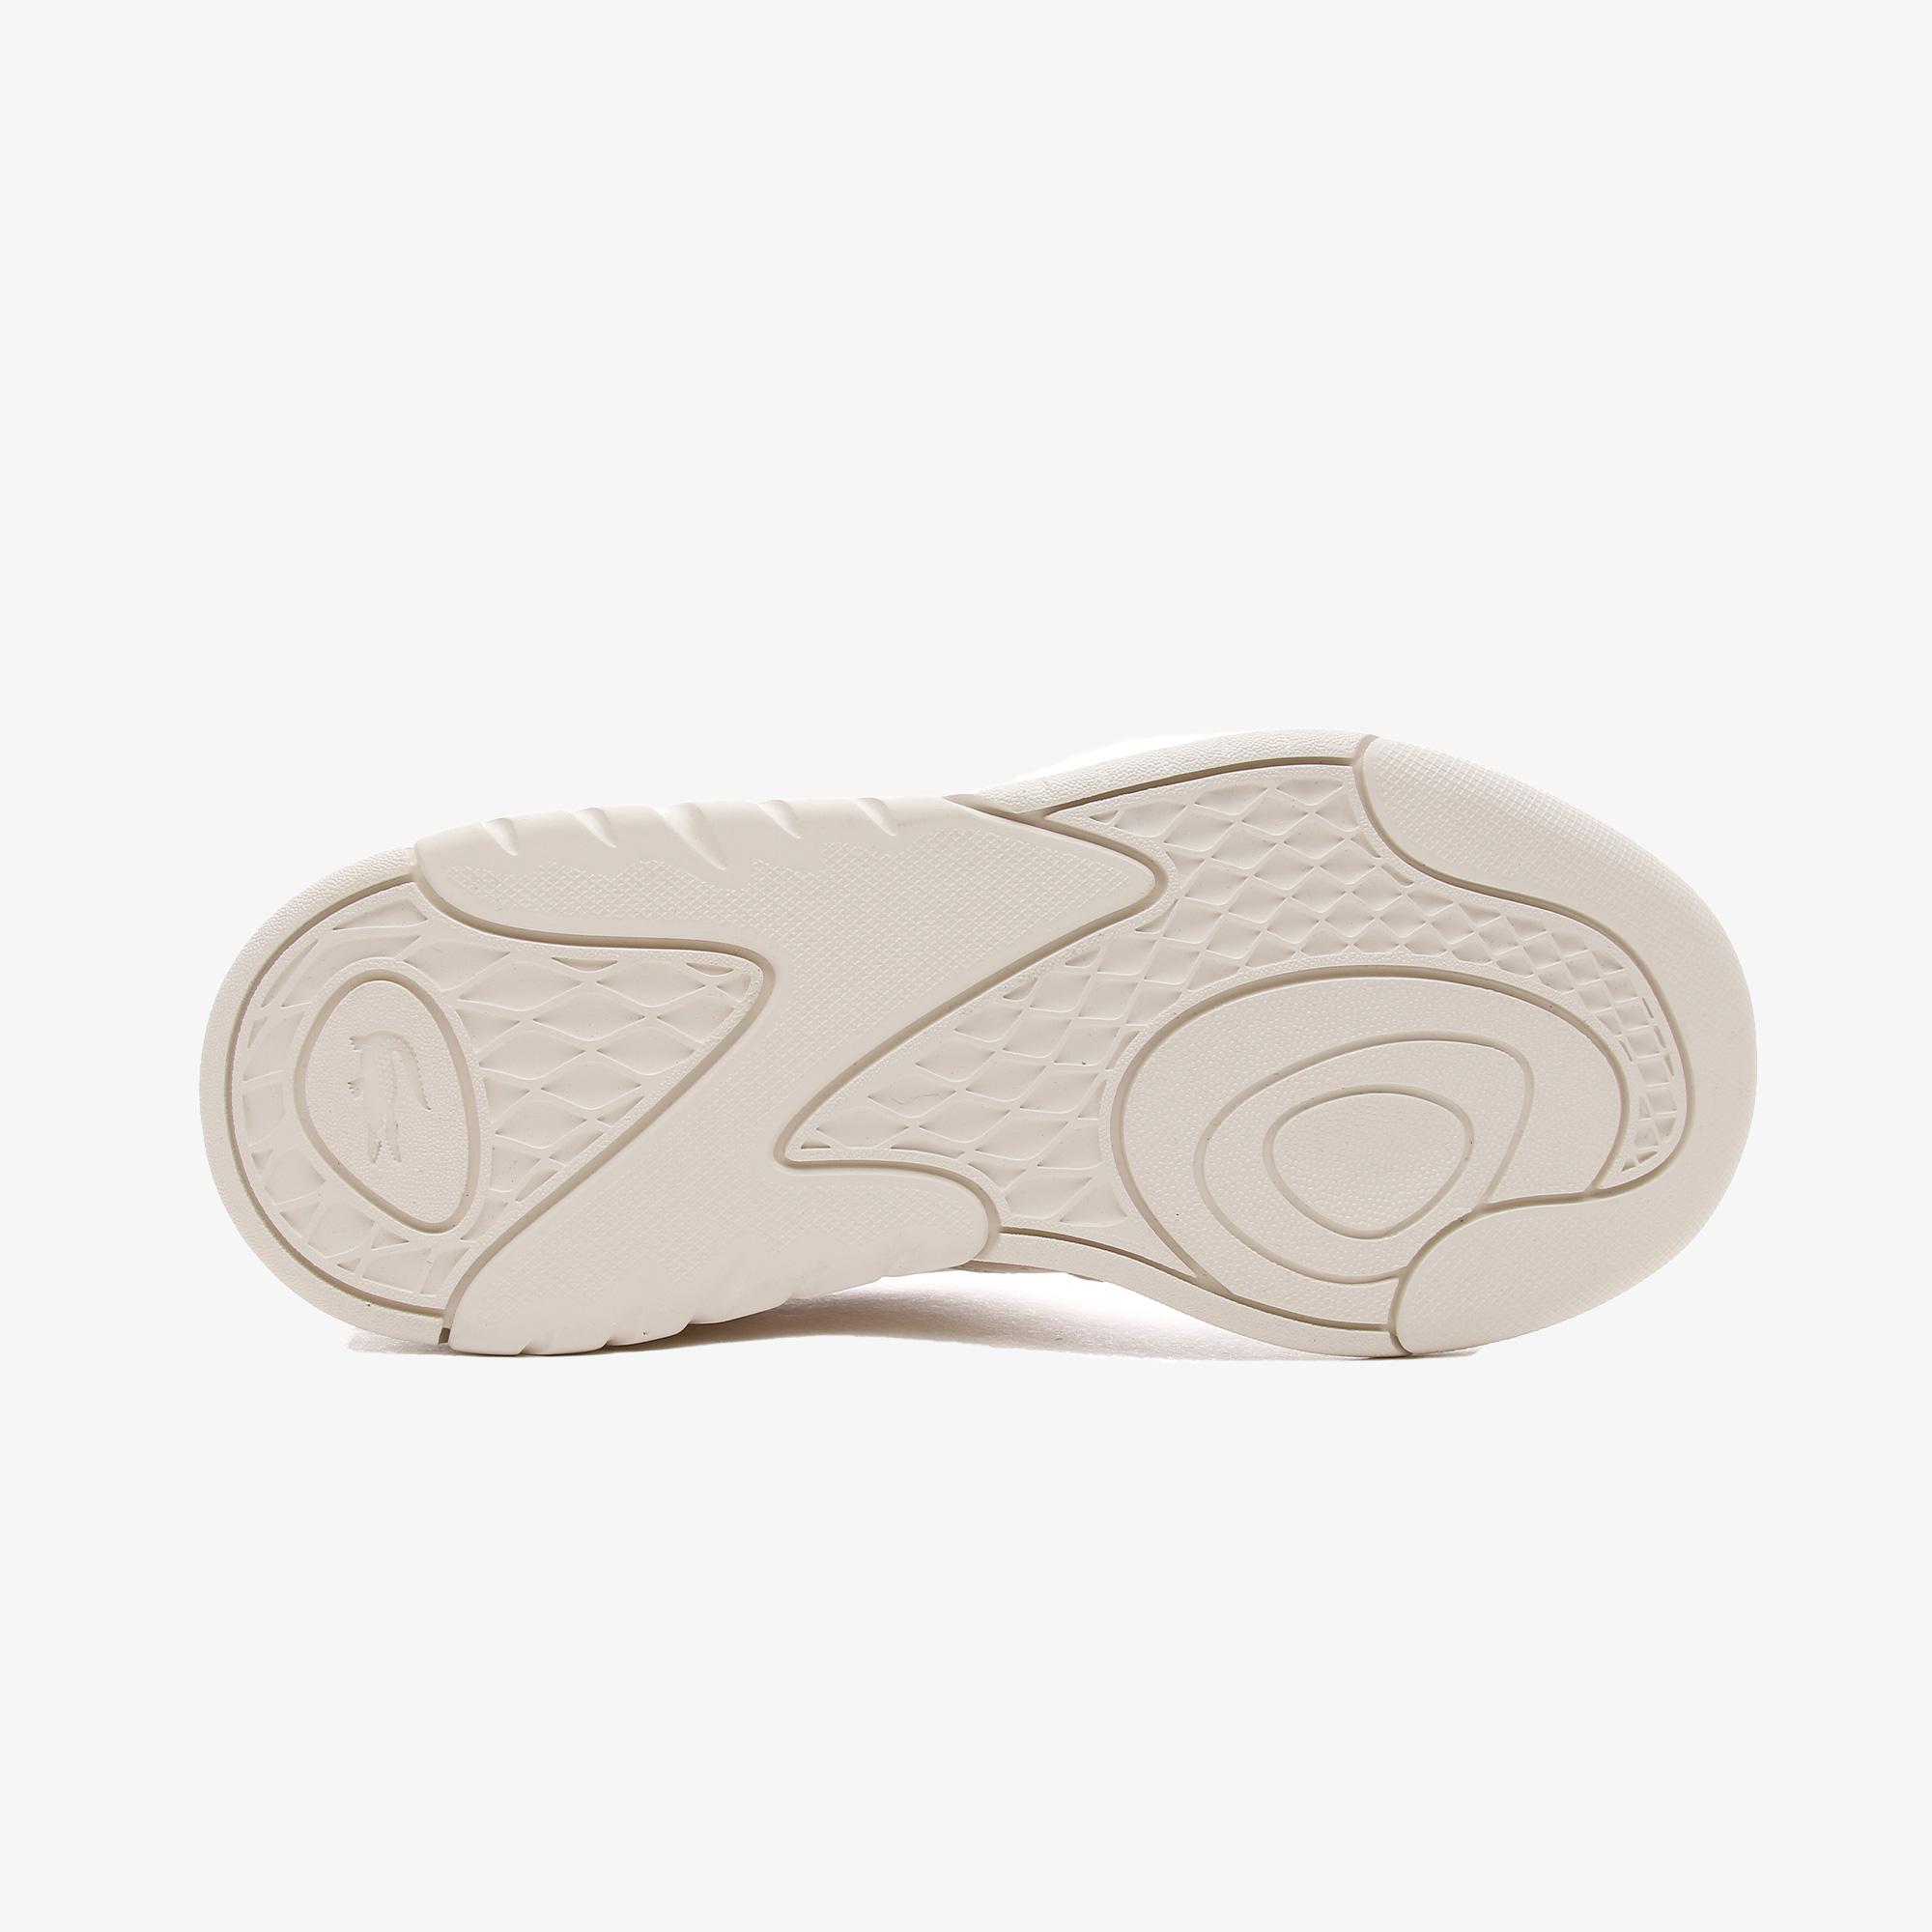 Lacoste Game Advance  Kadın Deri Beyaz - Açık Yeşil Spor Ayakkabı